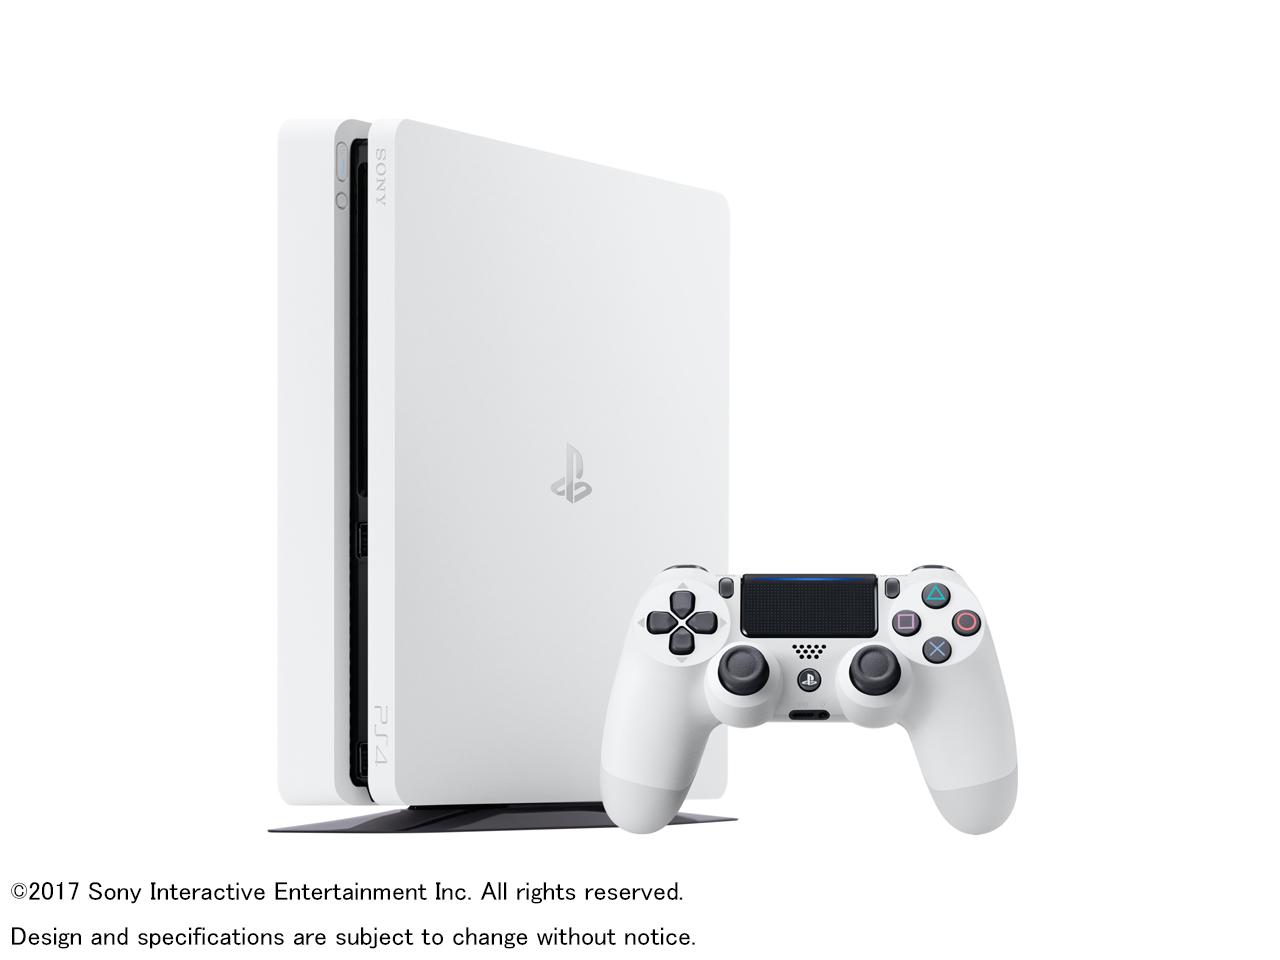 『本体 コントローラー1』 プレイステーション4 HDD 500GB グレイシャー・ホワイト CUH-2100AB02 の製品画像